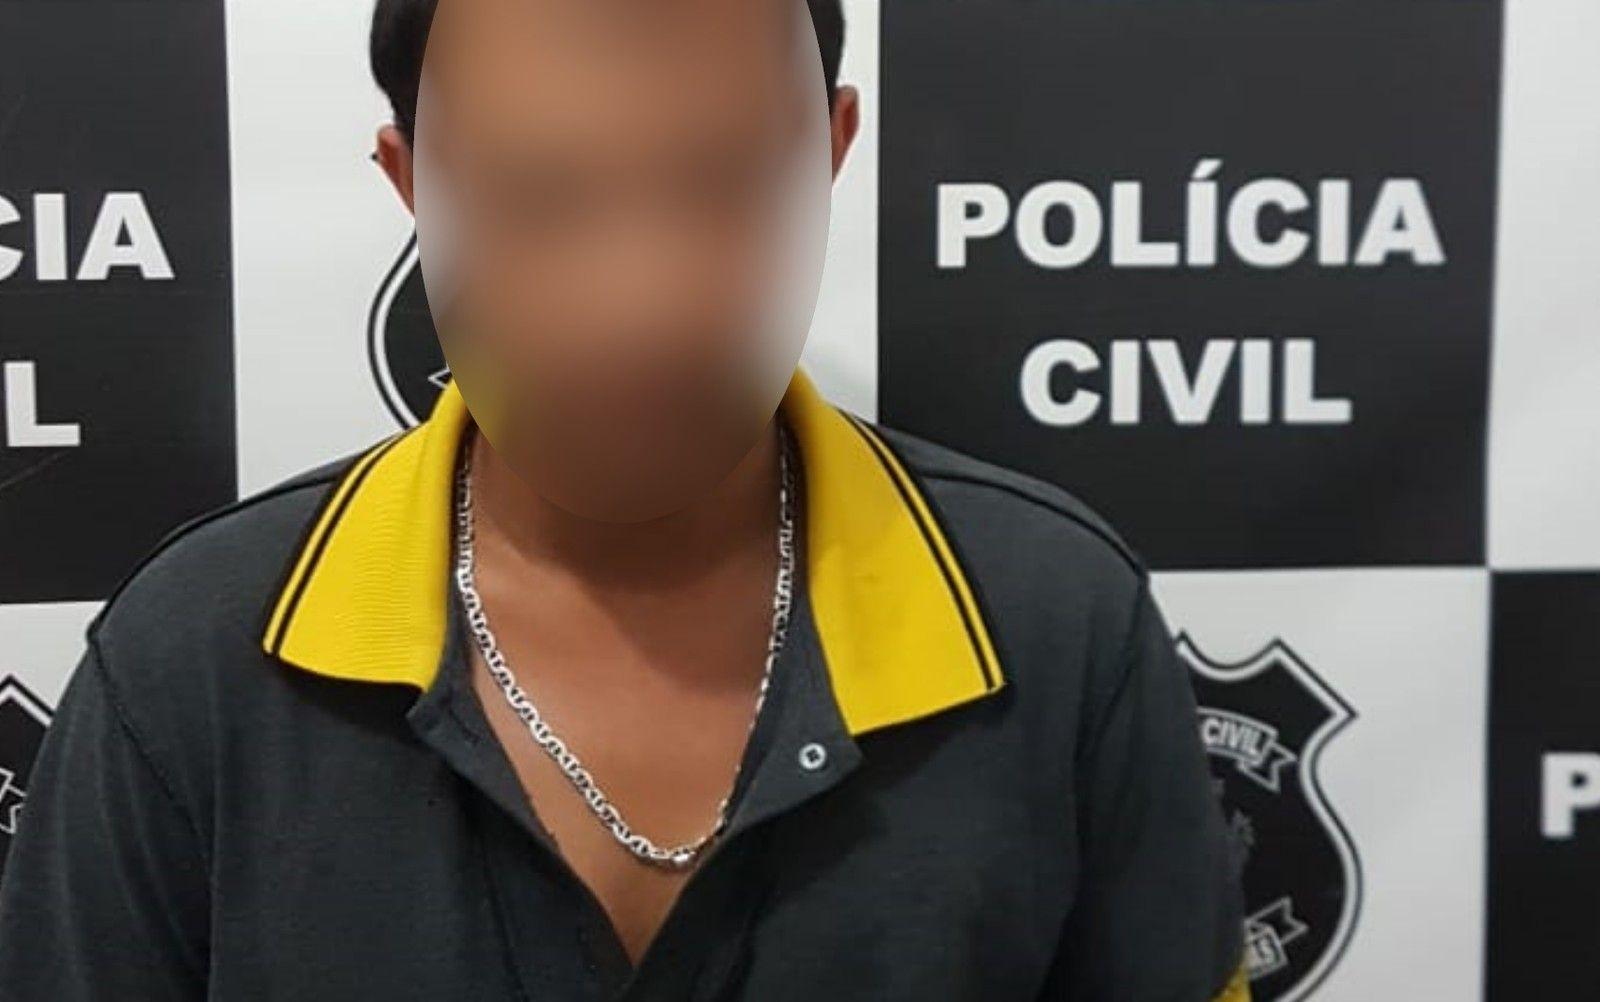 Suspeito pelo estupro (Divulgação Polícia Civil)